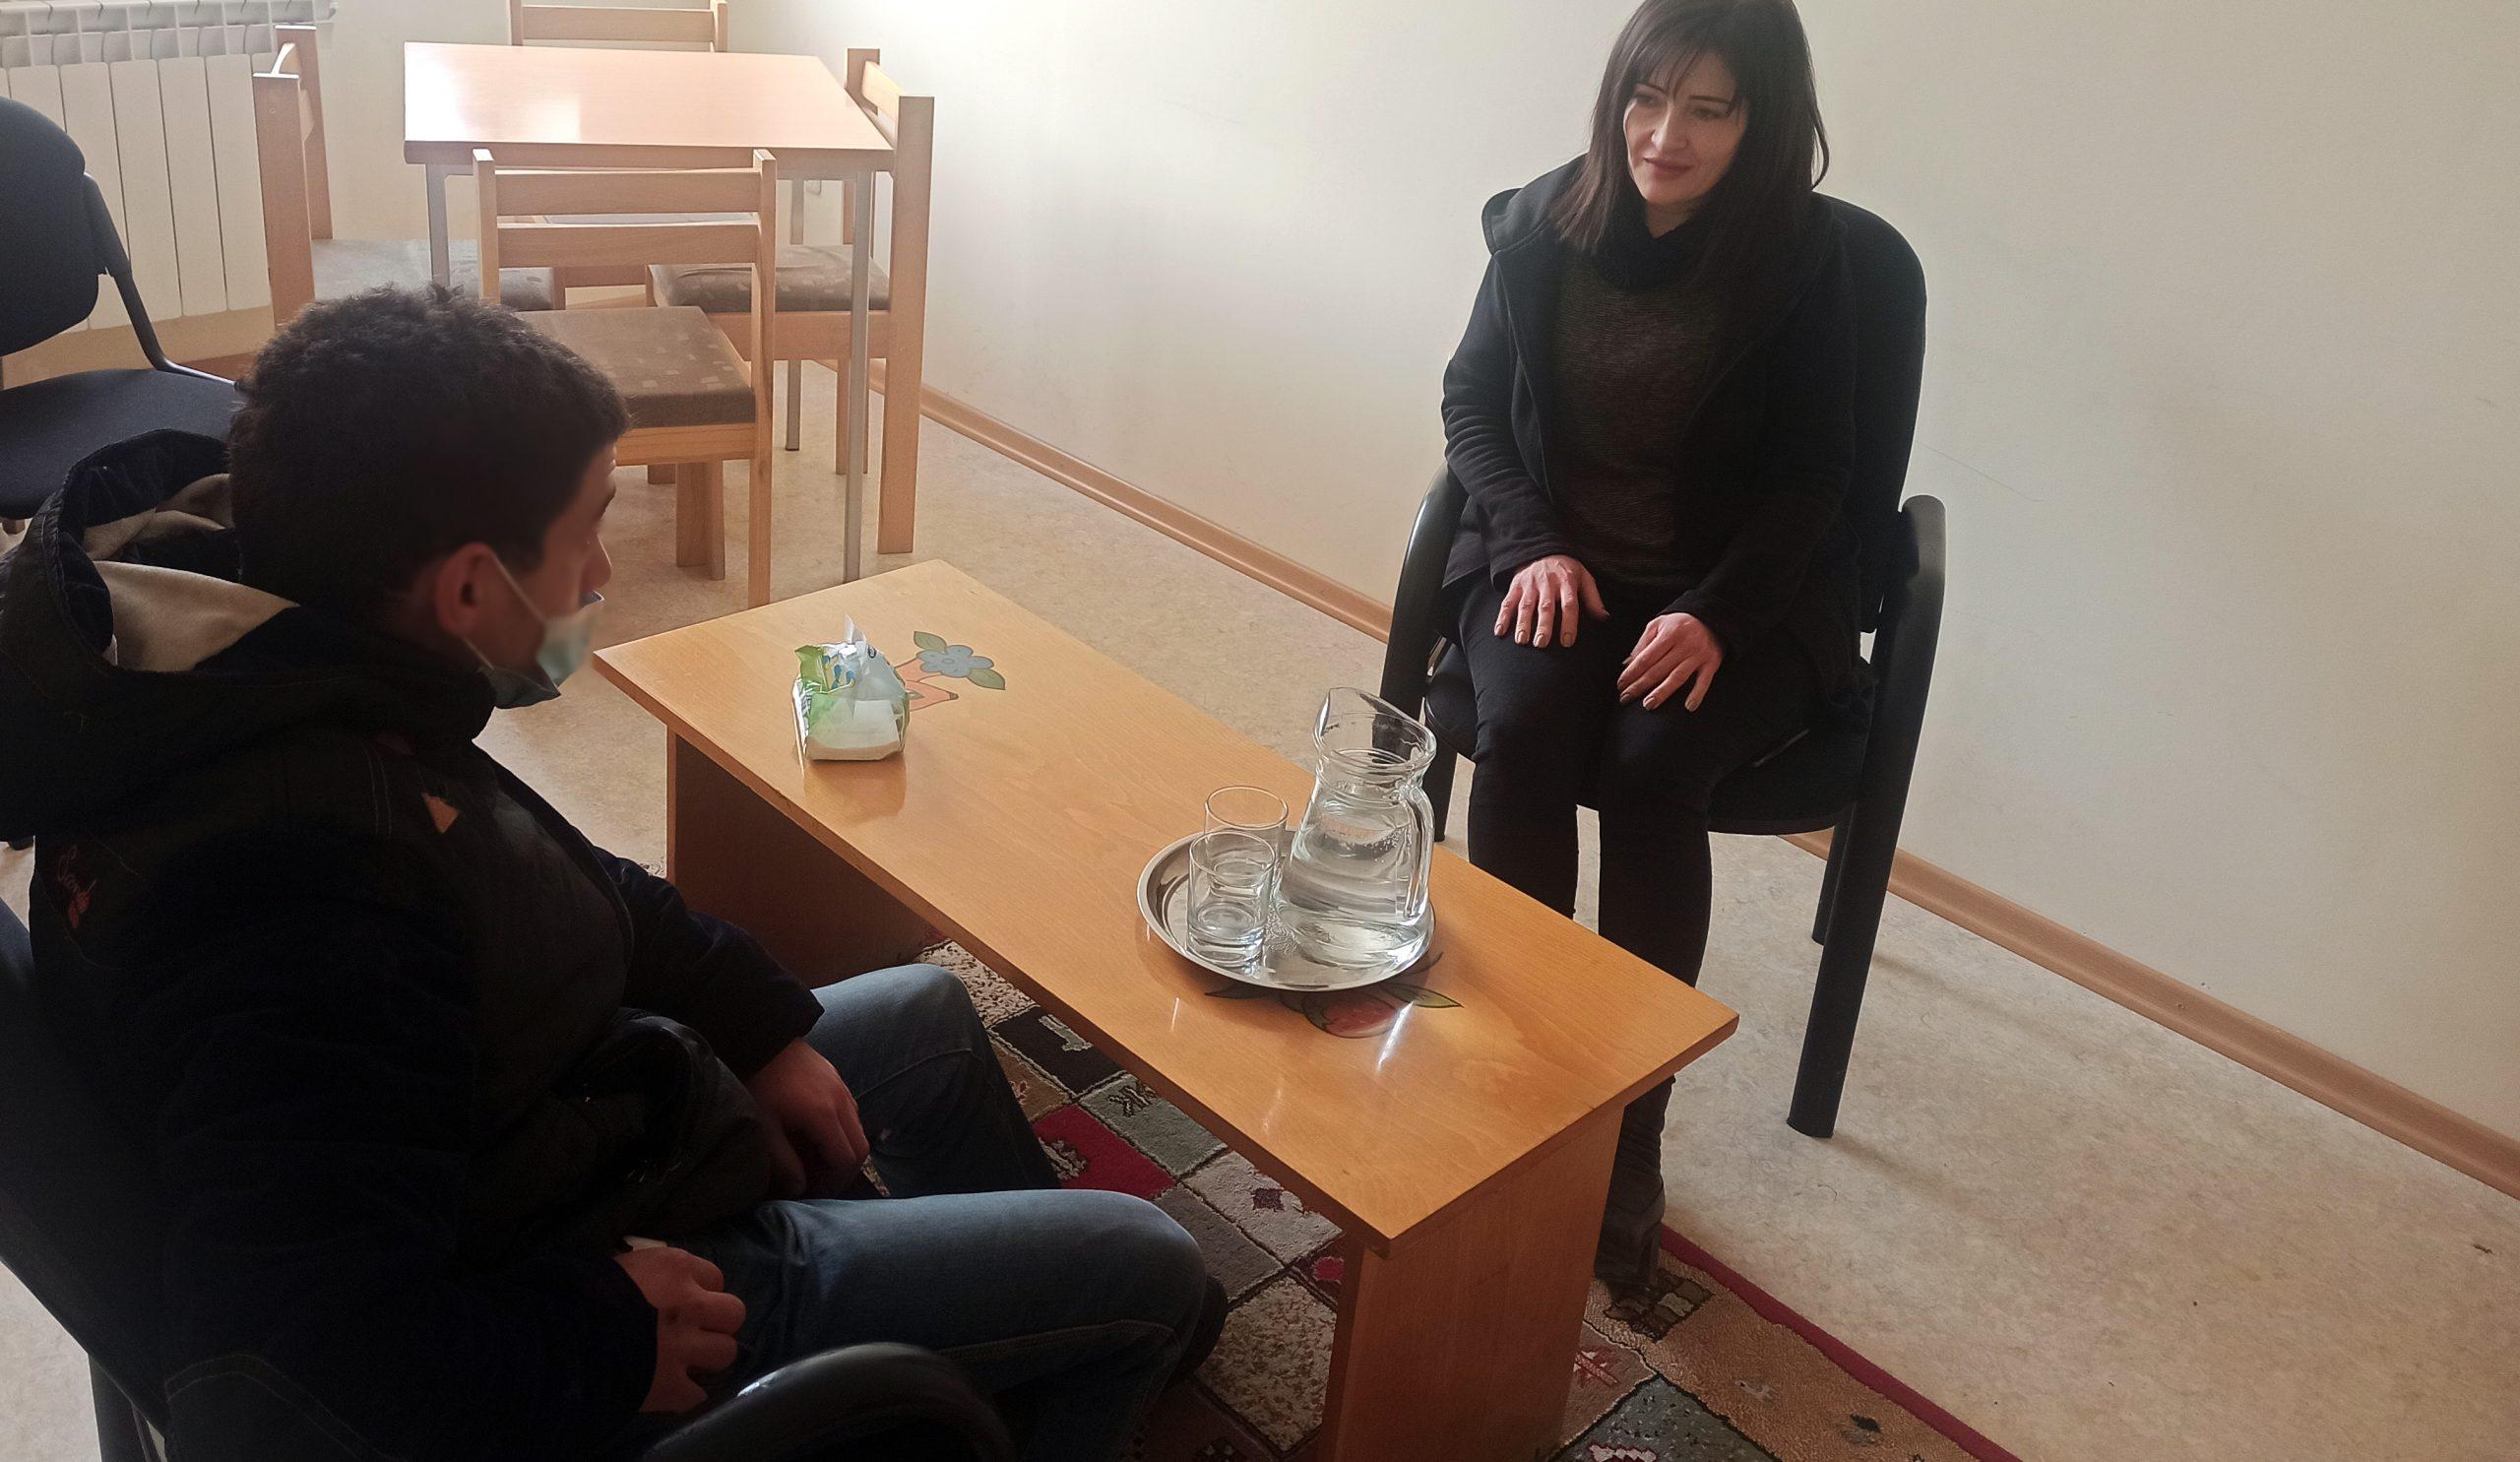 arménie -soutien psychologique